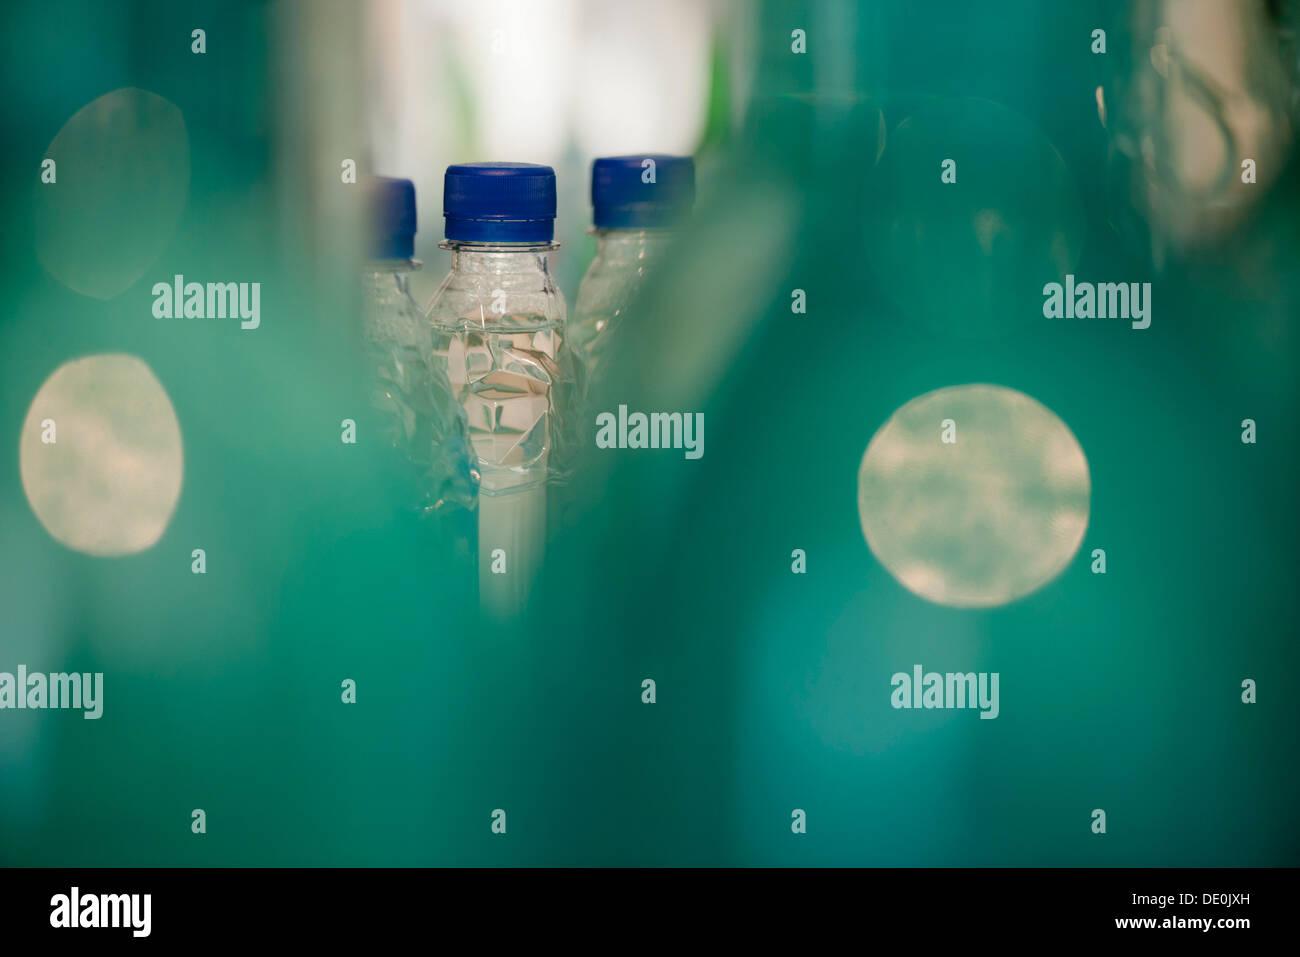 Acqua in bottiglia, close-up Immagini Stock